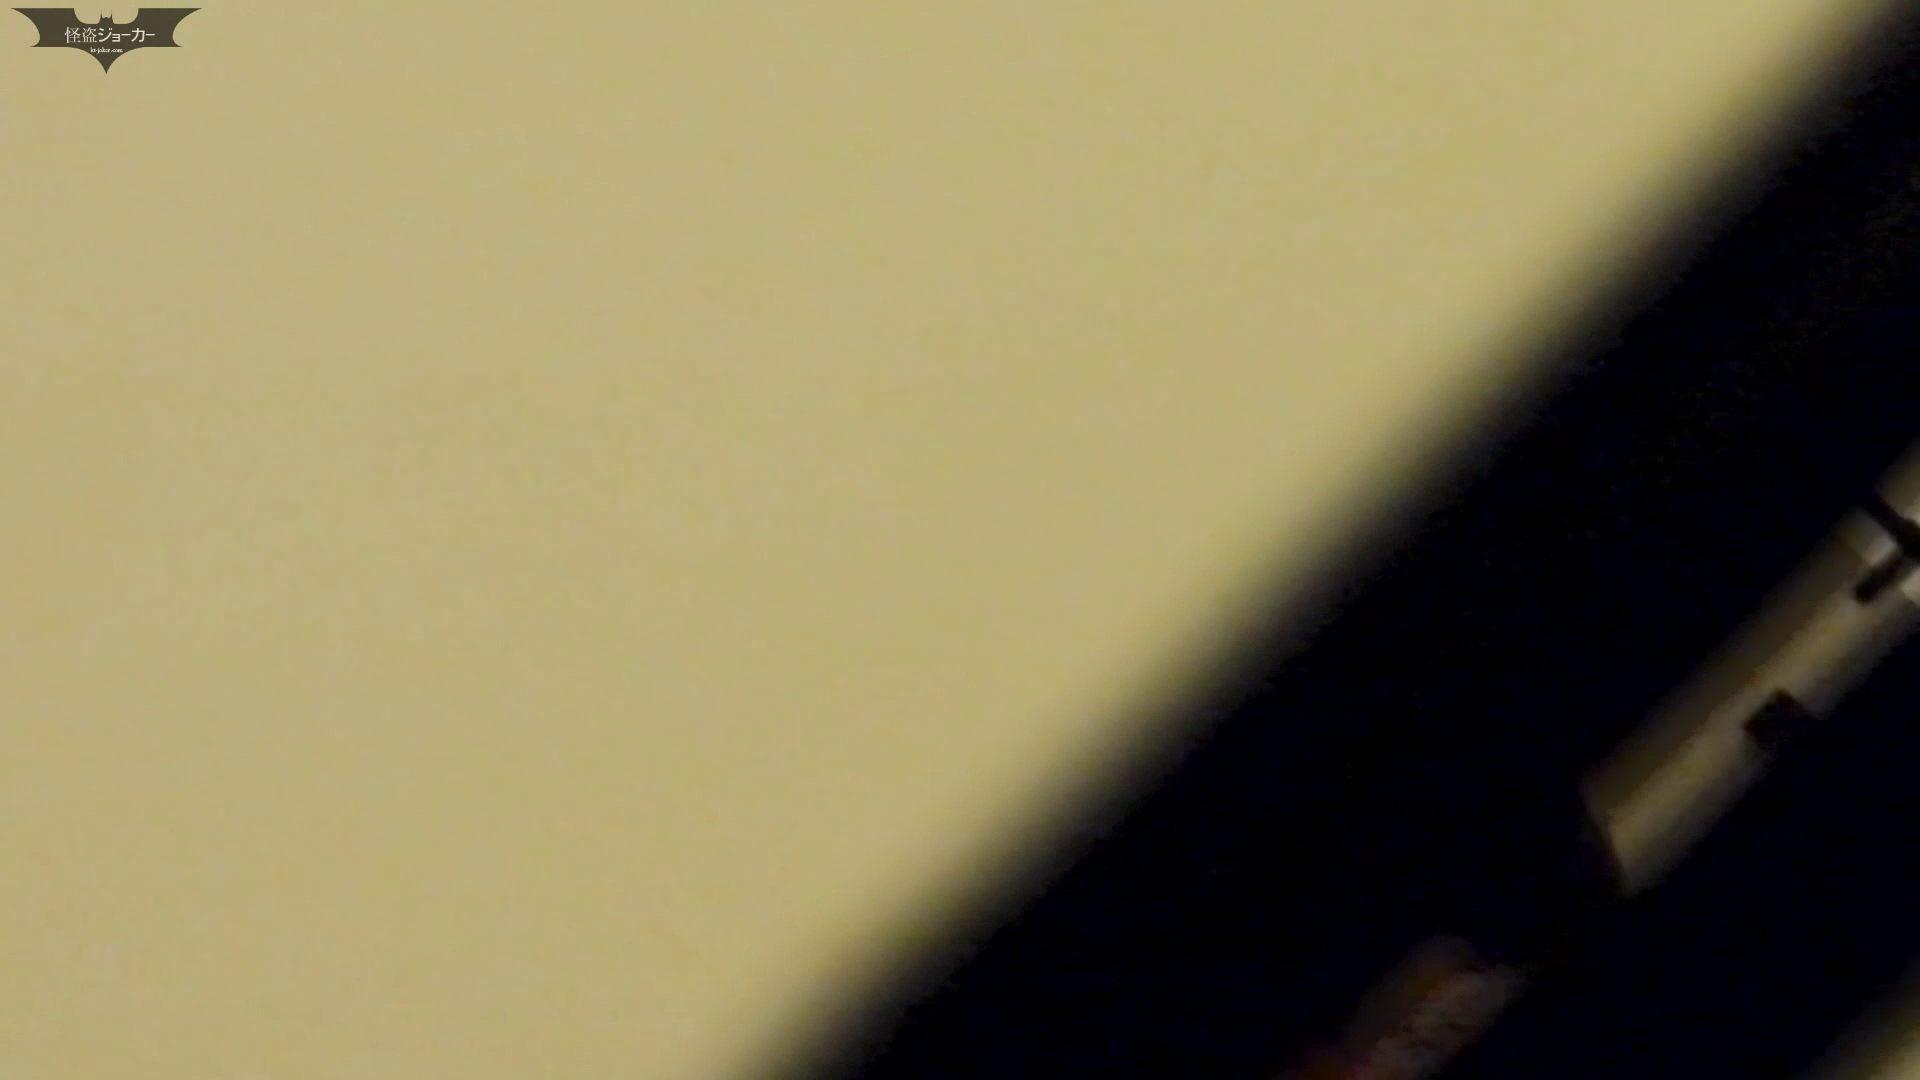 新世界の射窓 No65 これぞ究極追い撮り!売場でみかけた可愛い子 お姉さん攻略 性交動画流出 60画像 52